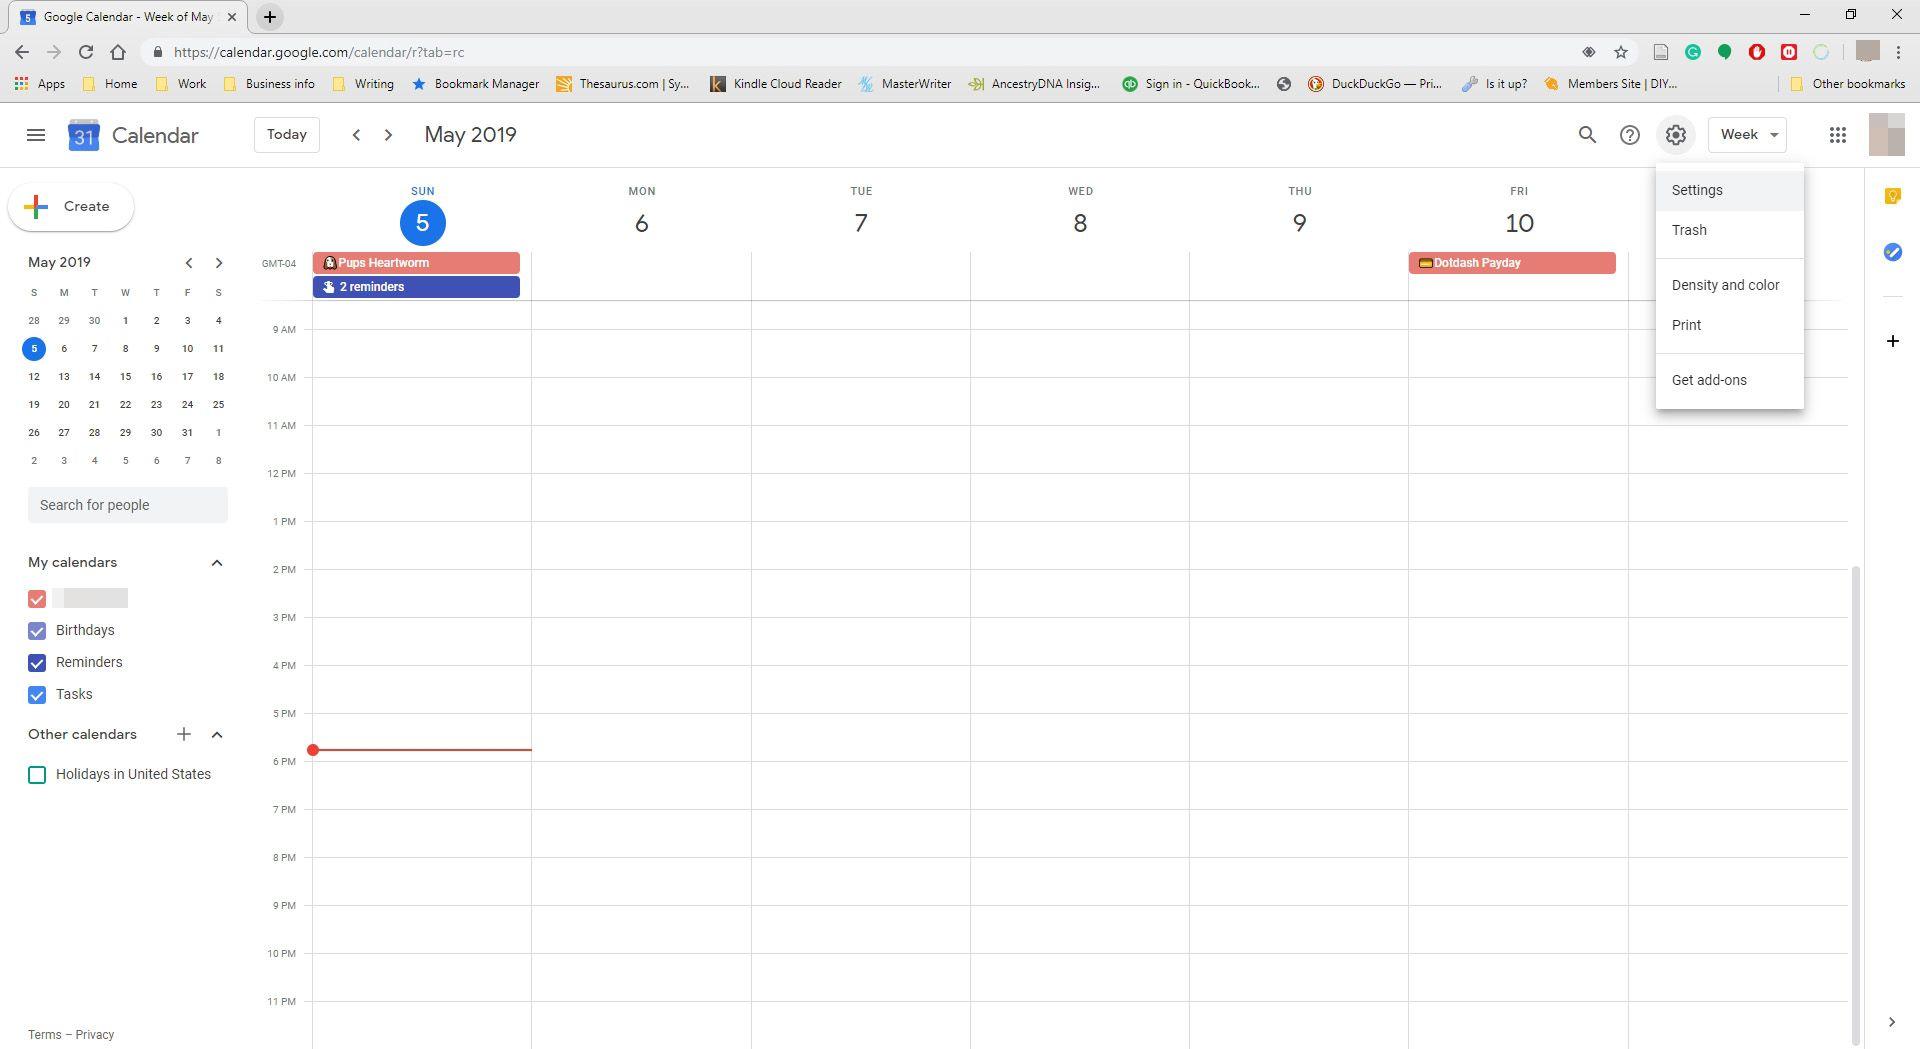 Screenshot of Settings in Google Calendar